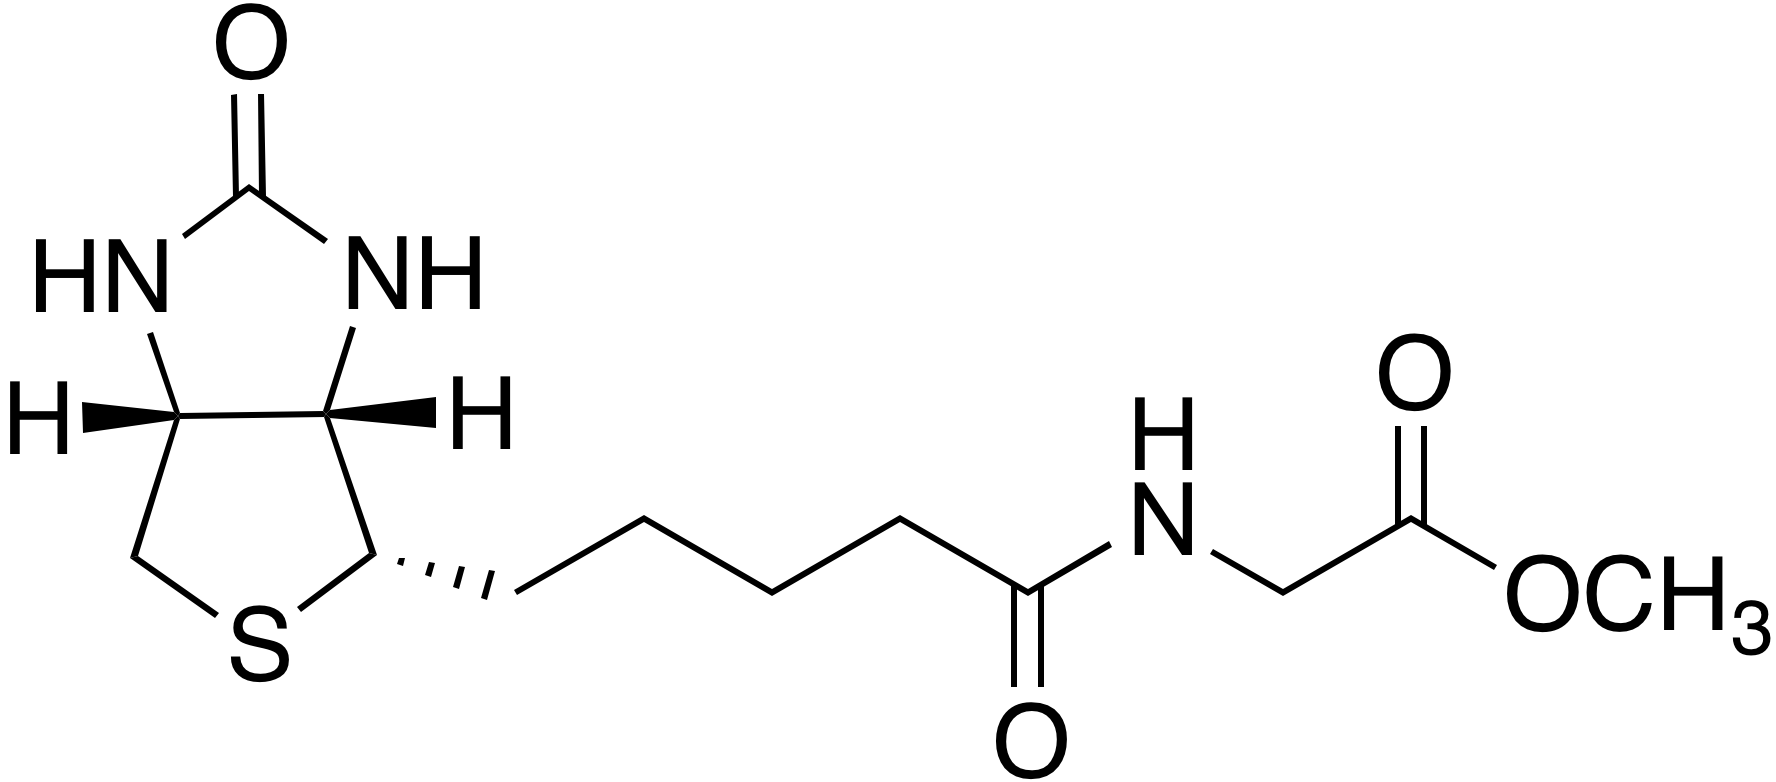 N-Biotinylglycine methyl ester